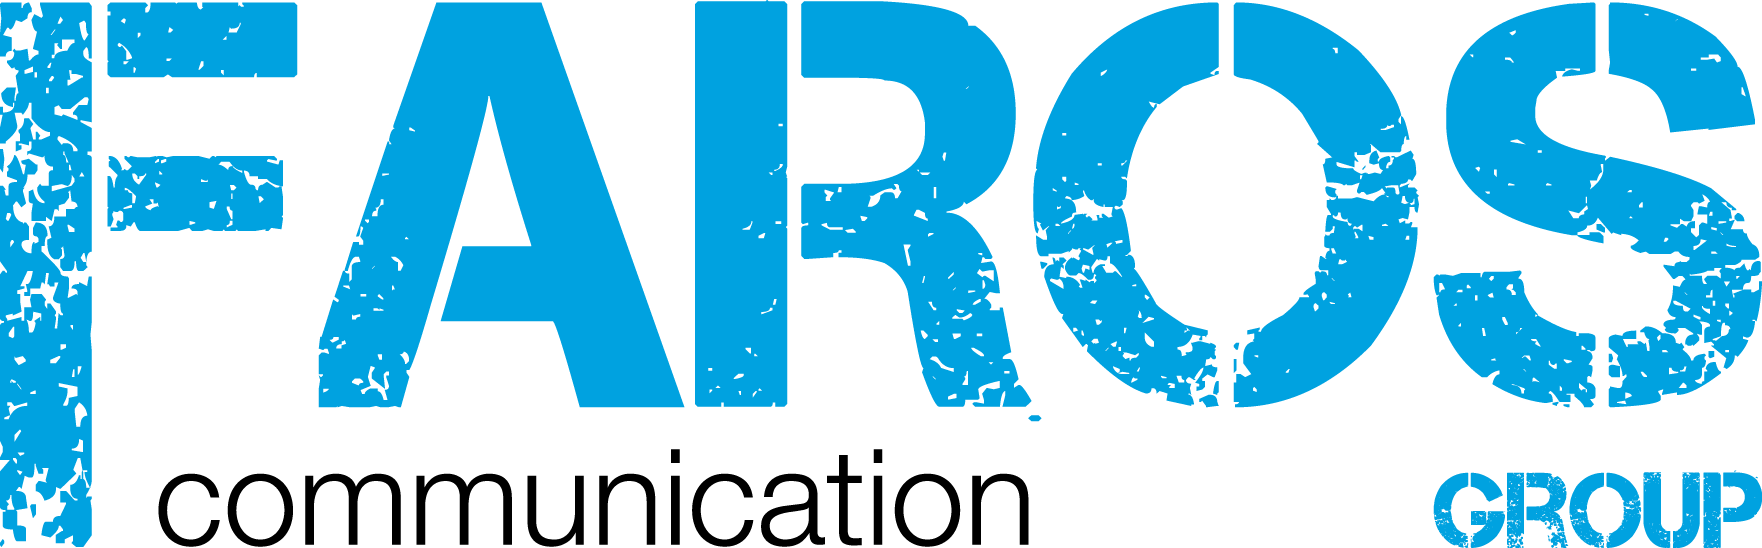 FAROS GROUP_LOGO_nero